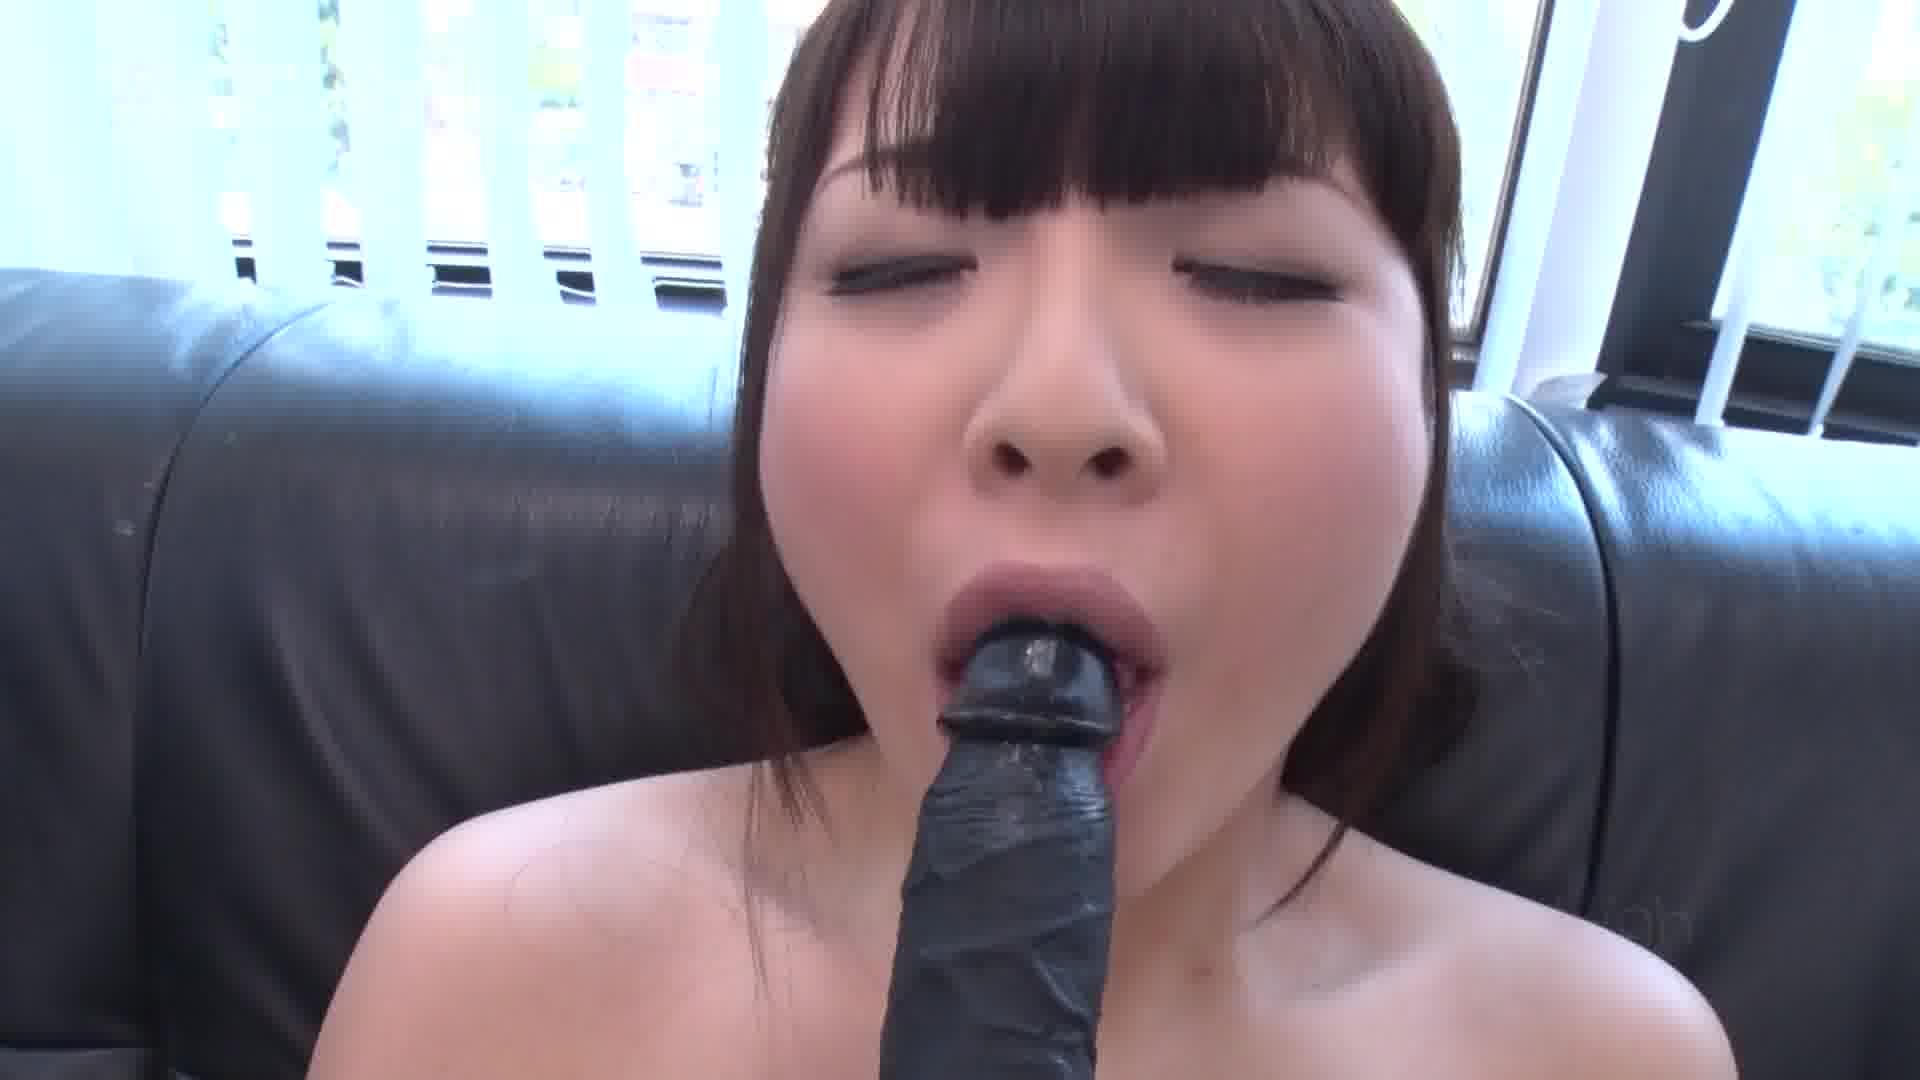 スカイエンジェル 197 パート 1 - 長谷川夏樹【コスプレ・水着・スレンダー】